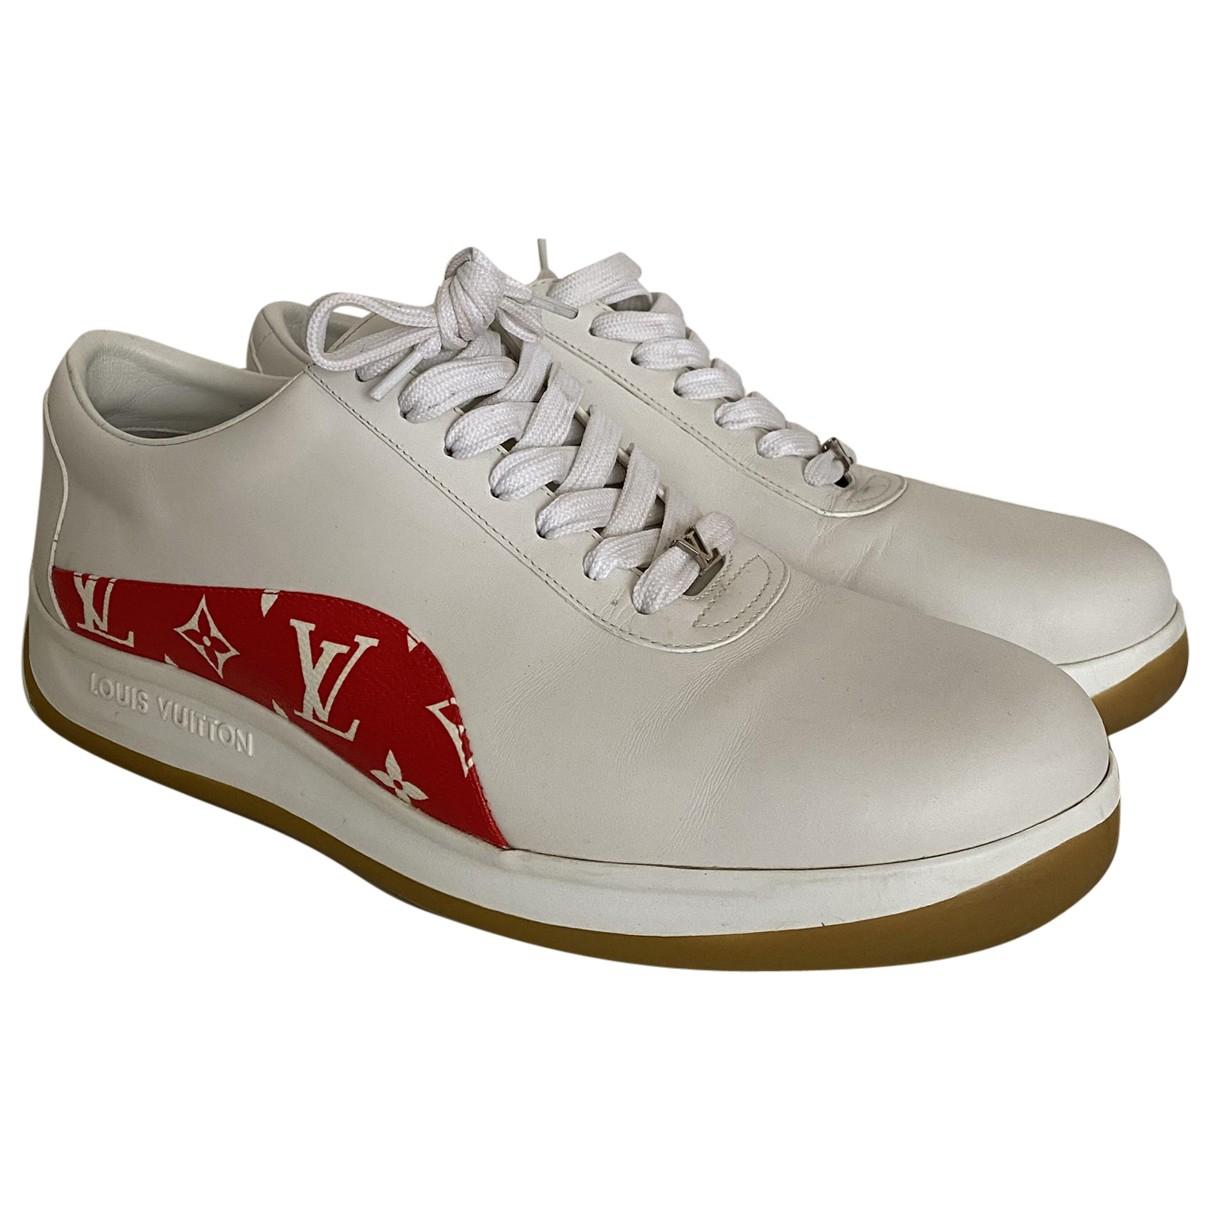 Louis Vuitton X Supreme - Baskets   pour homme en cuir - blanc